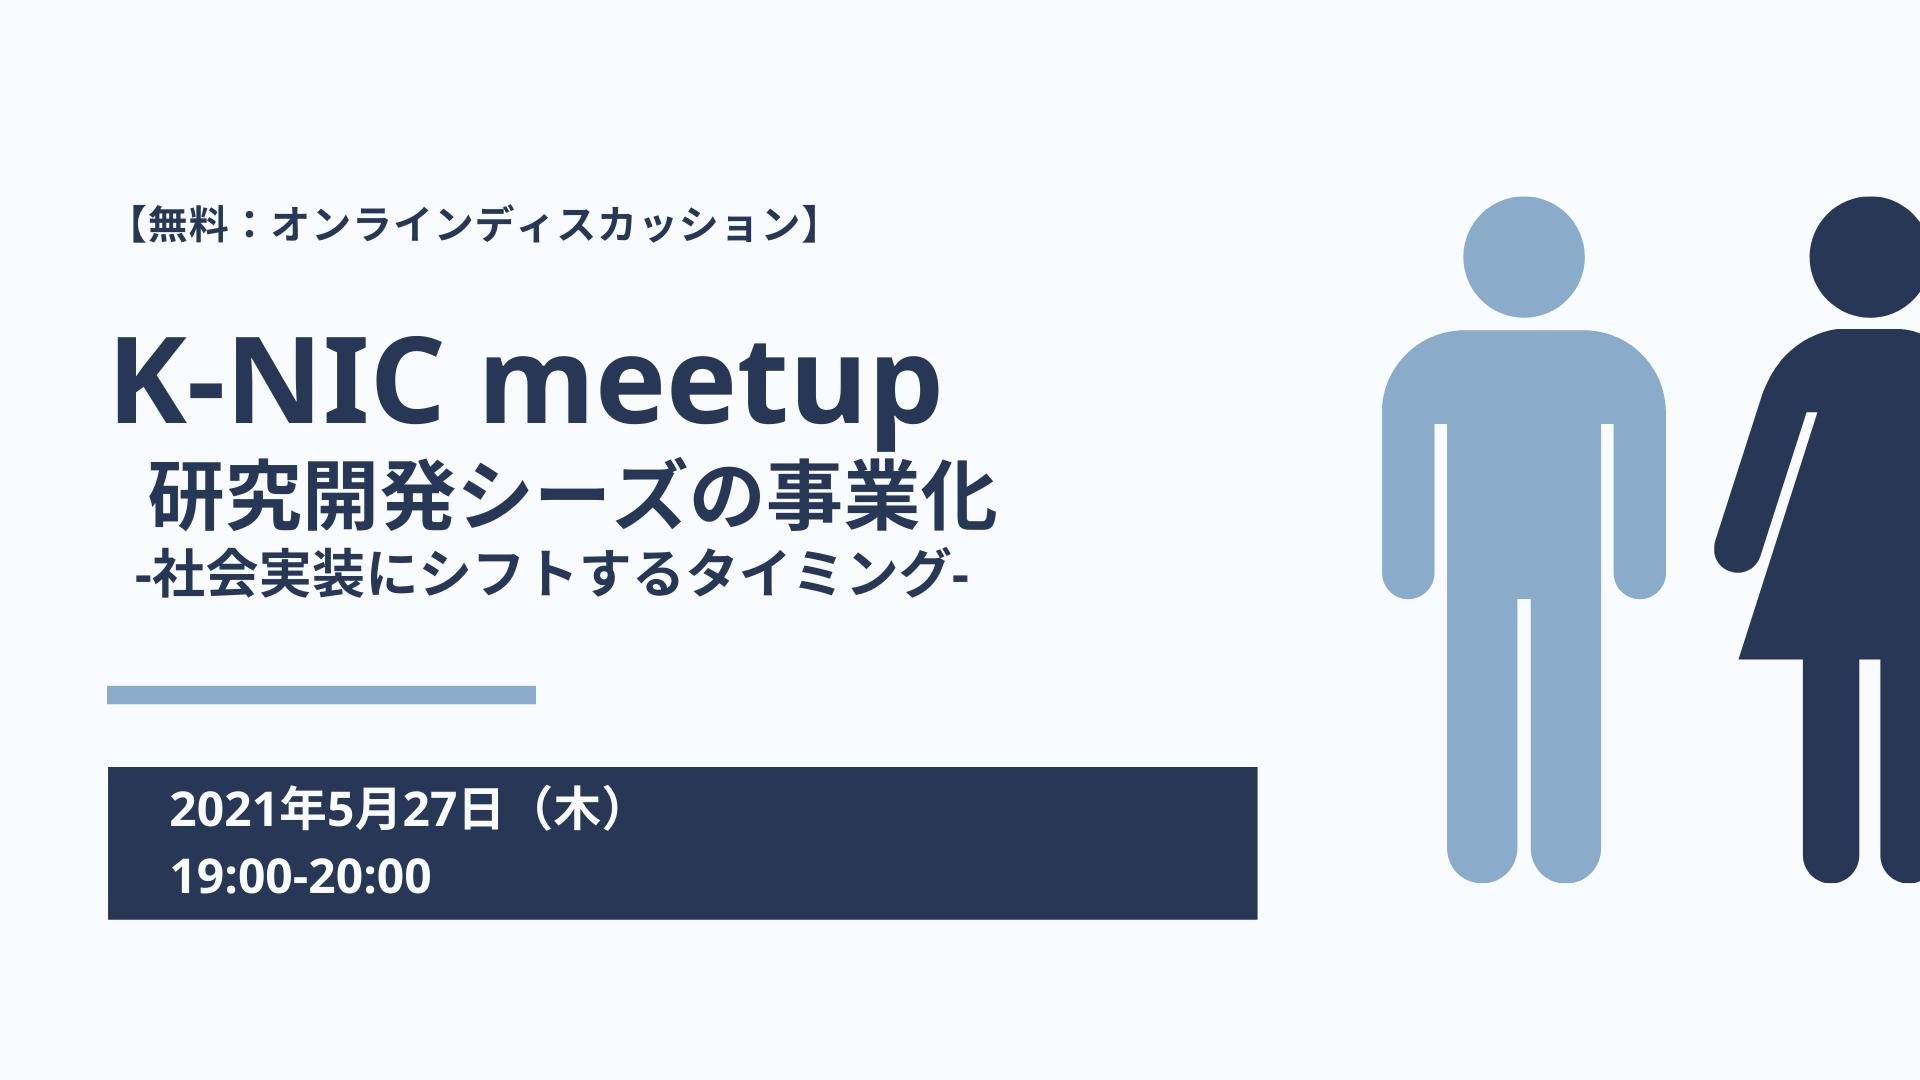 【オンラインディスカッション会】K-NIC meetup 研究開発シーズの事業化 -社会実装にシフトするタイミング-